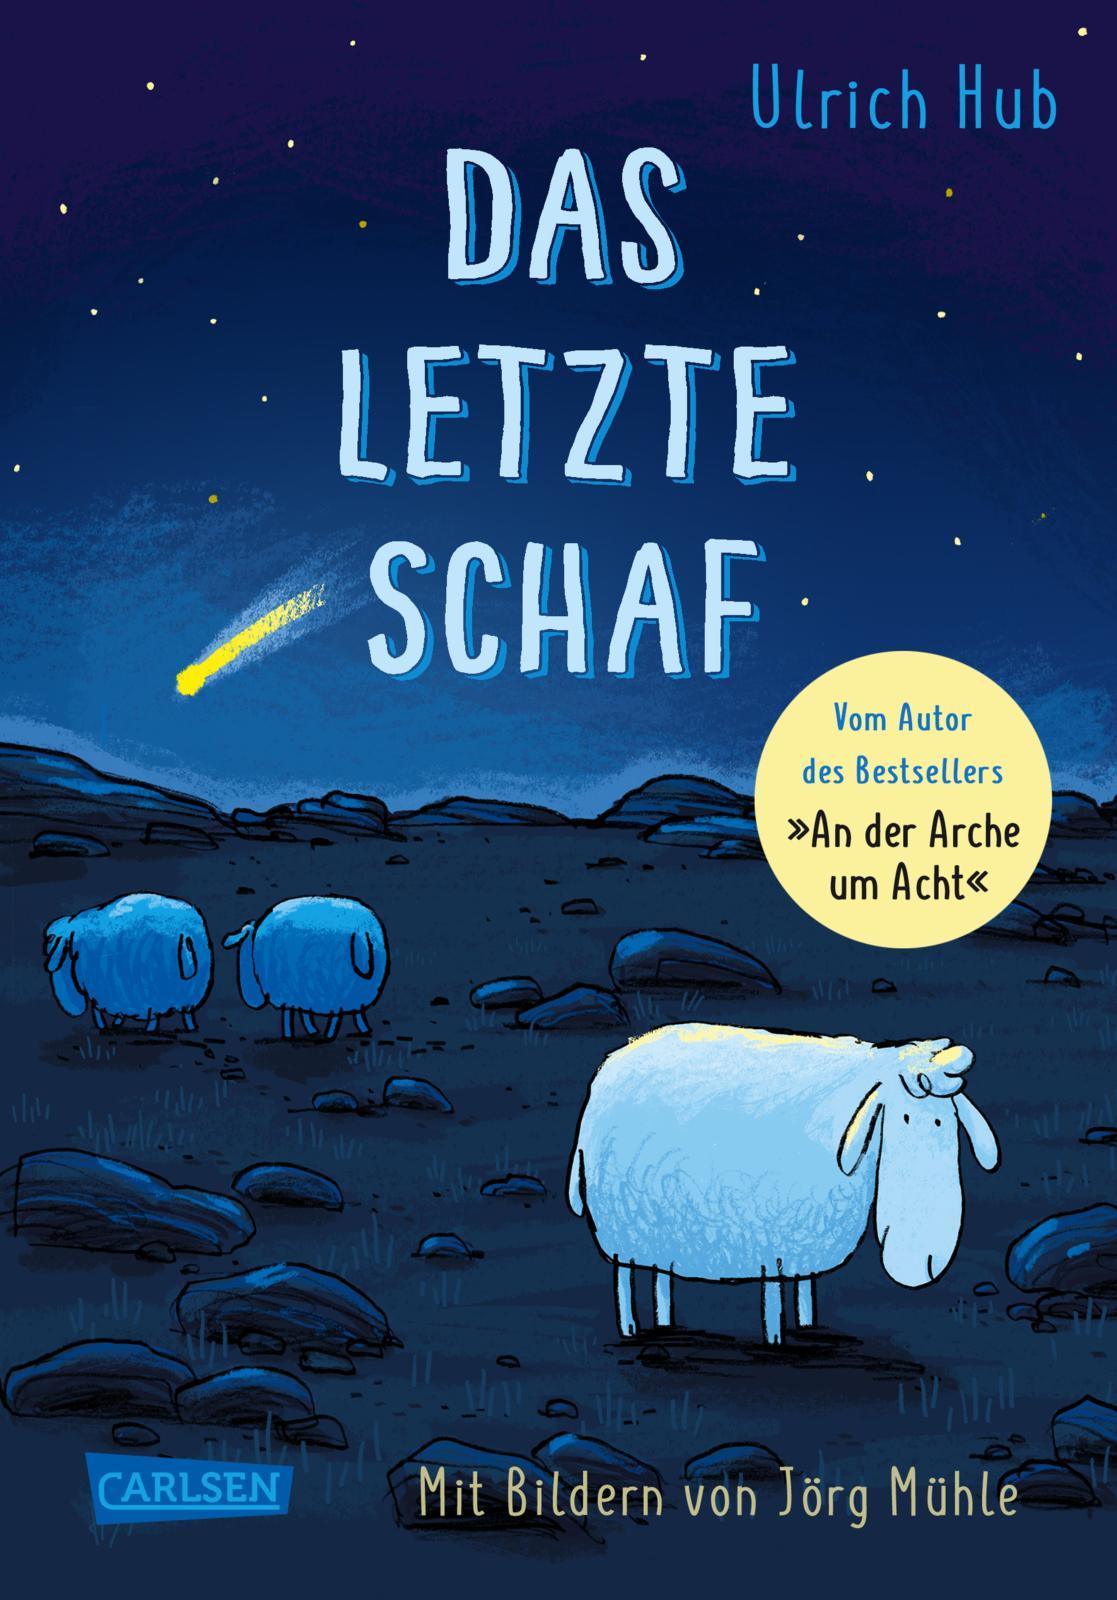 Carlsen Verlag: Das letzte Schaf